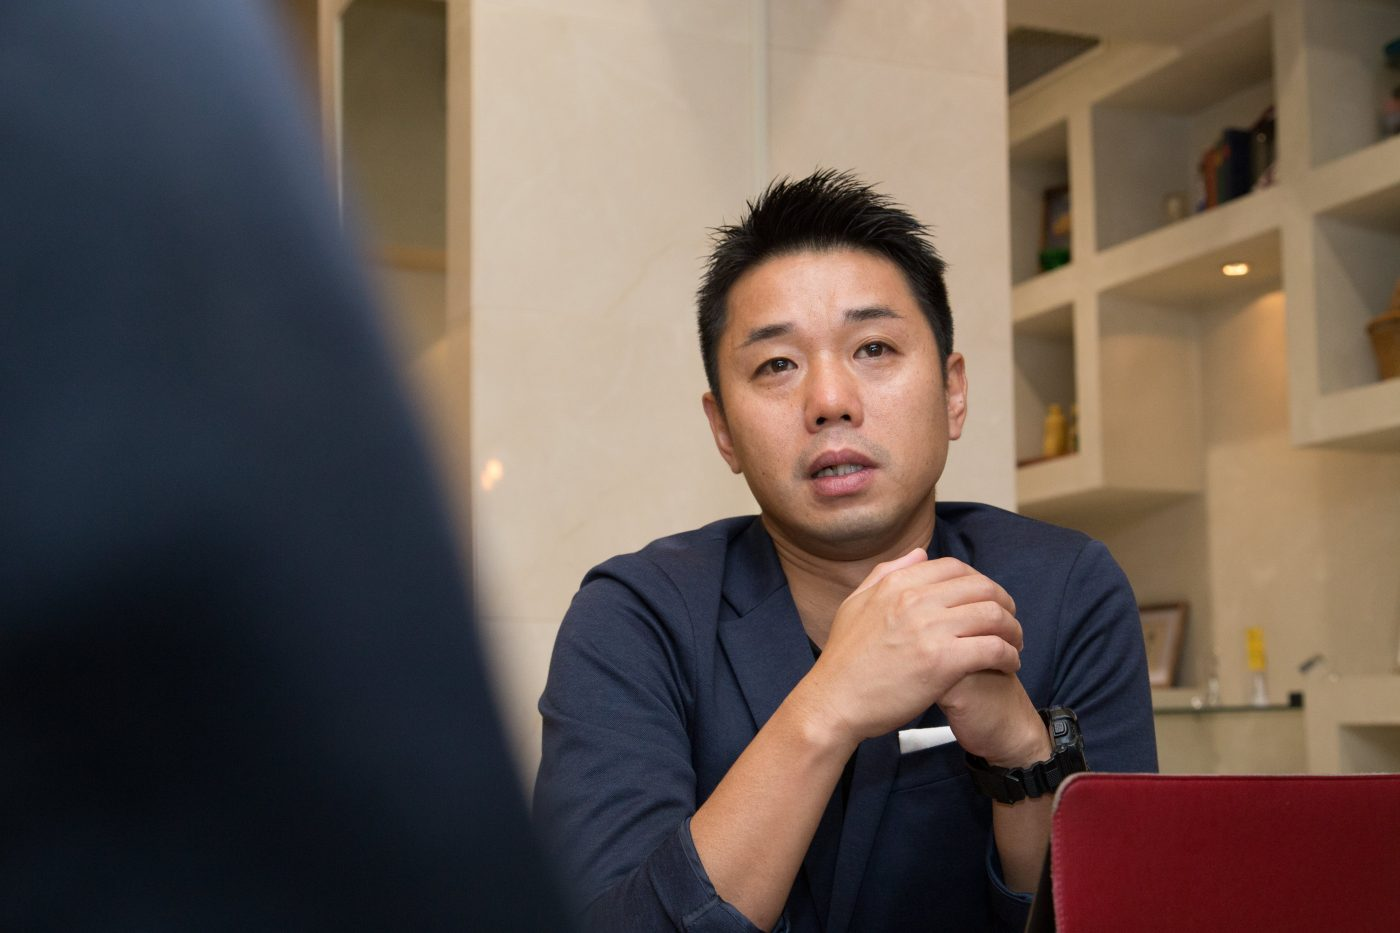 BizteX 嶋田 光敏CEOインタビュー ビジネスでも重要なのは「自分の強みを理解して活かすこと」